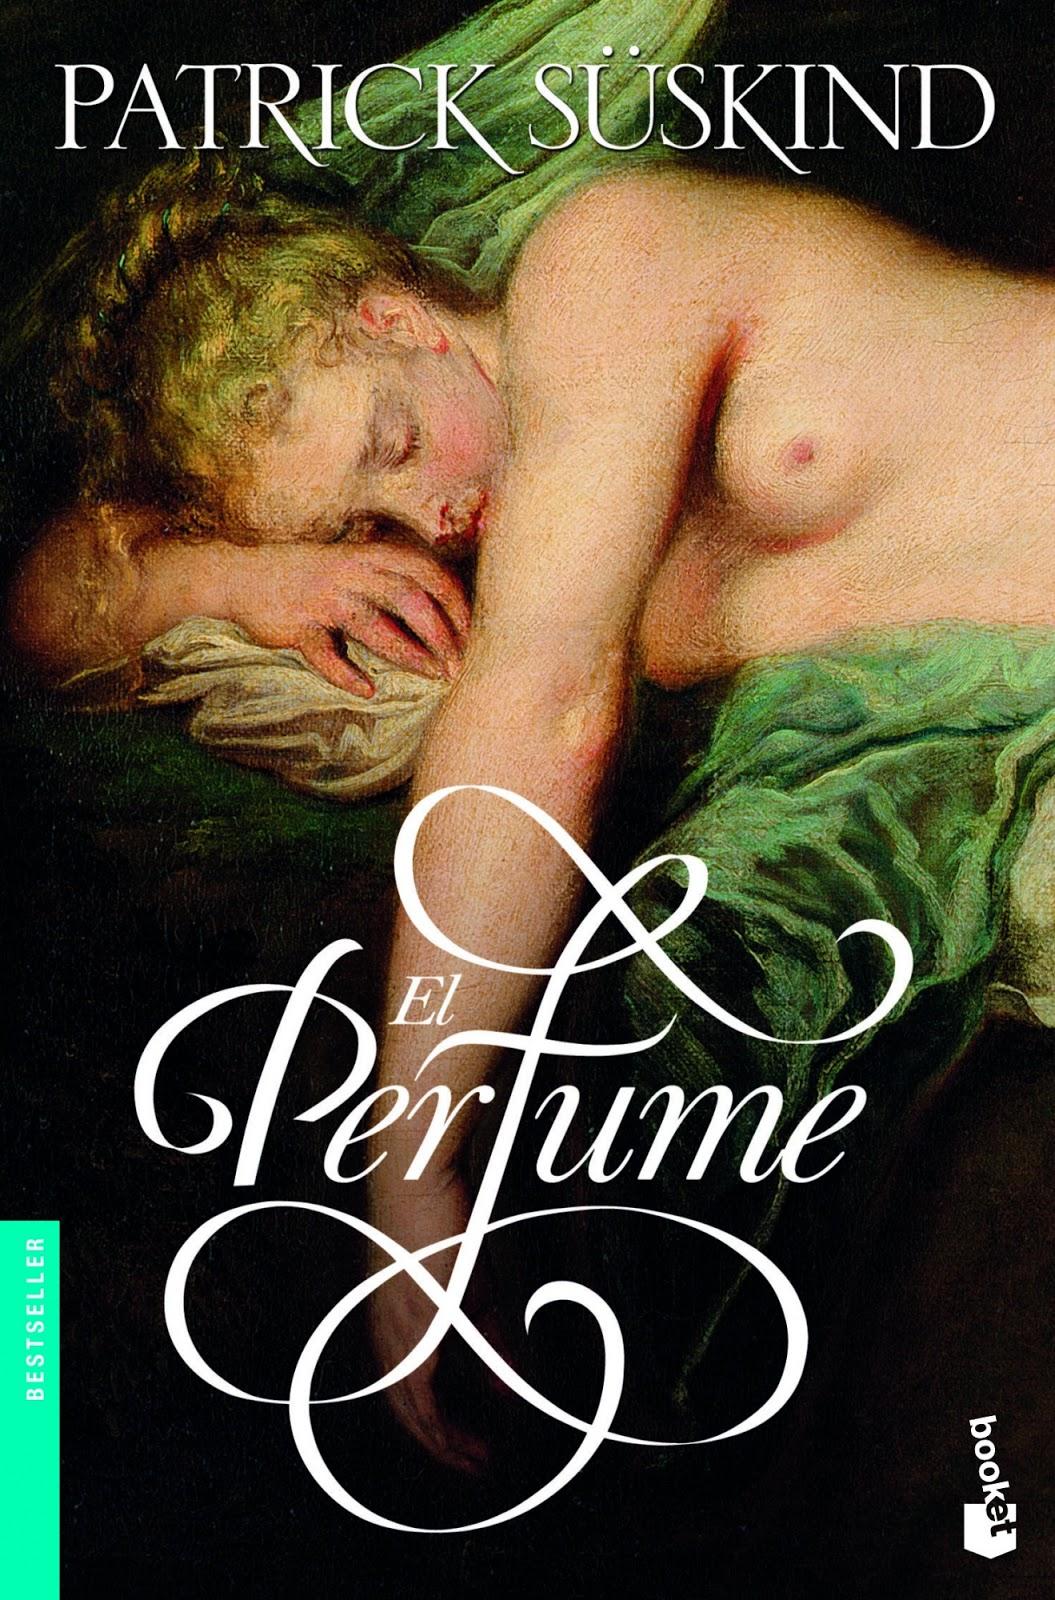 perfume suskind